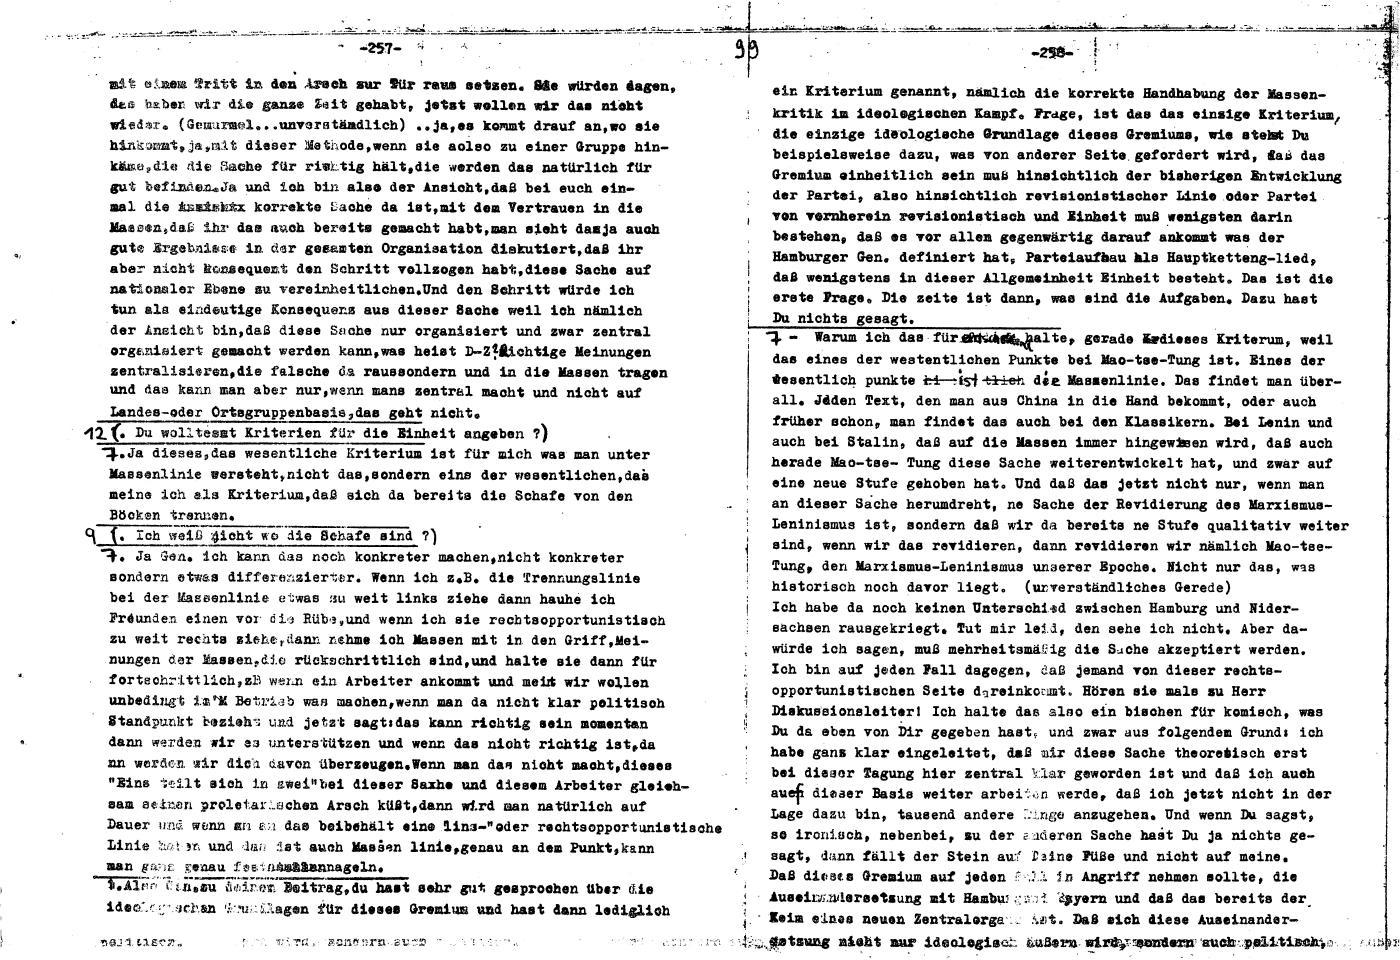 KPDML_1971_Wortprotokolle_aoPt_059